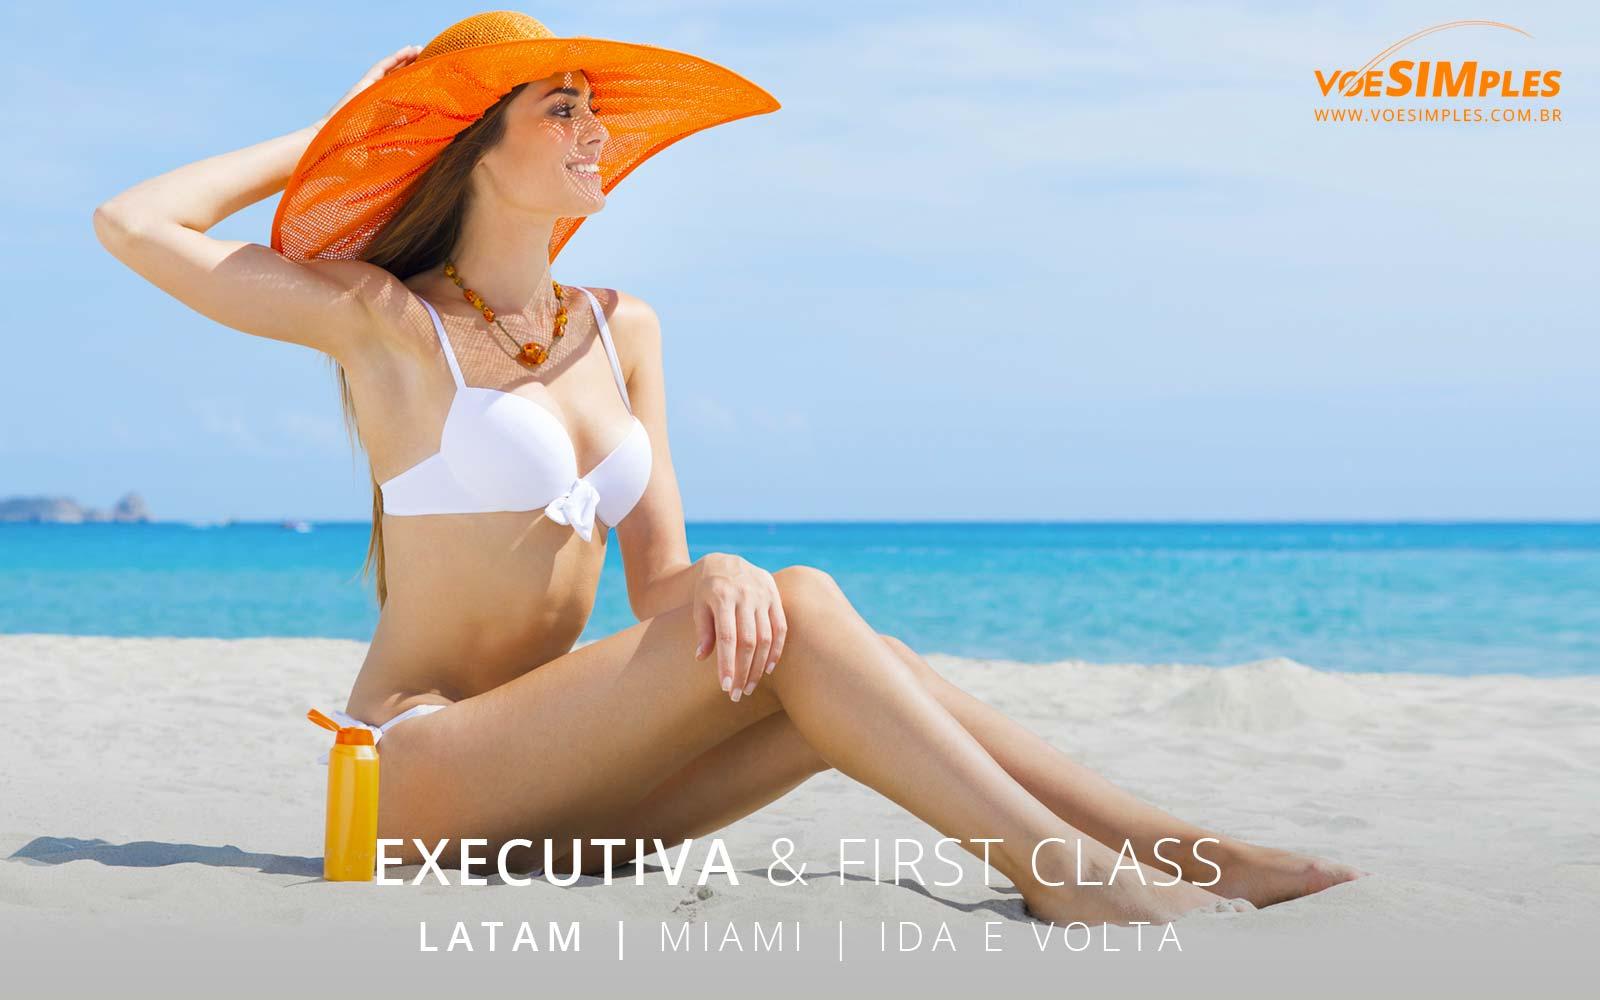 Passagem aérea classe executiva Latam para Miami